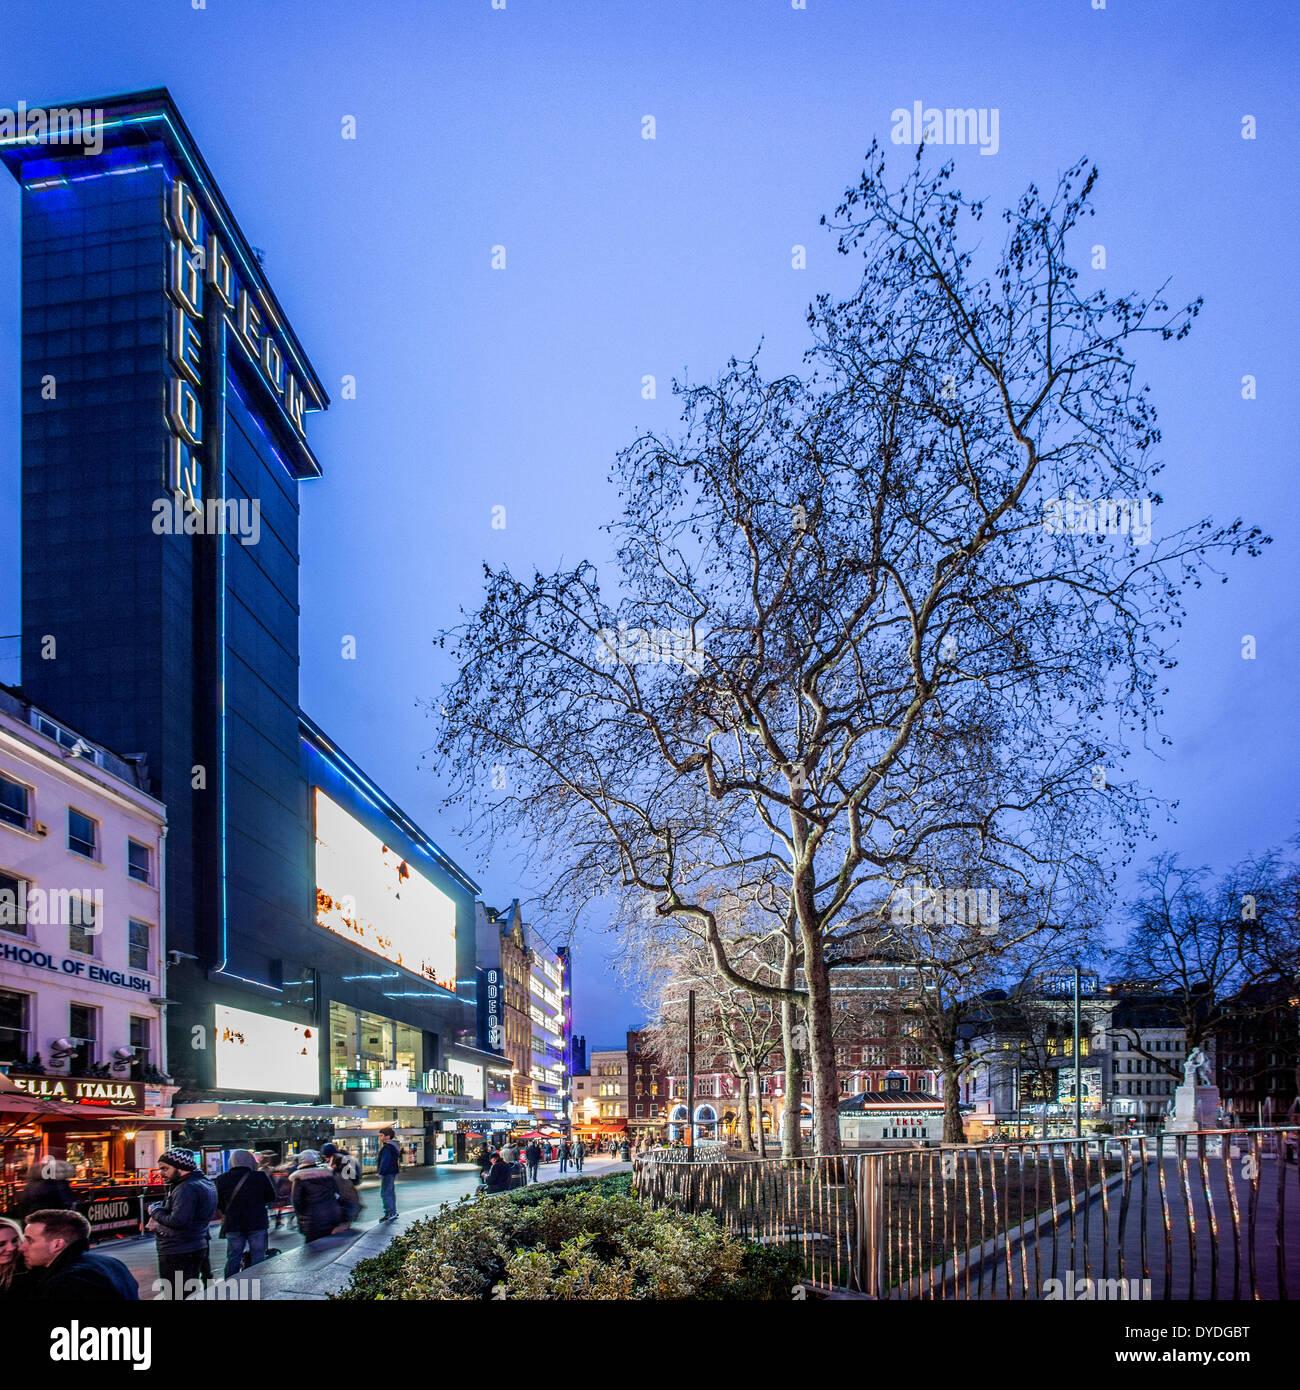 Das Odeon Leicester Square in der Abenddämmerung. Stockfoto